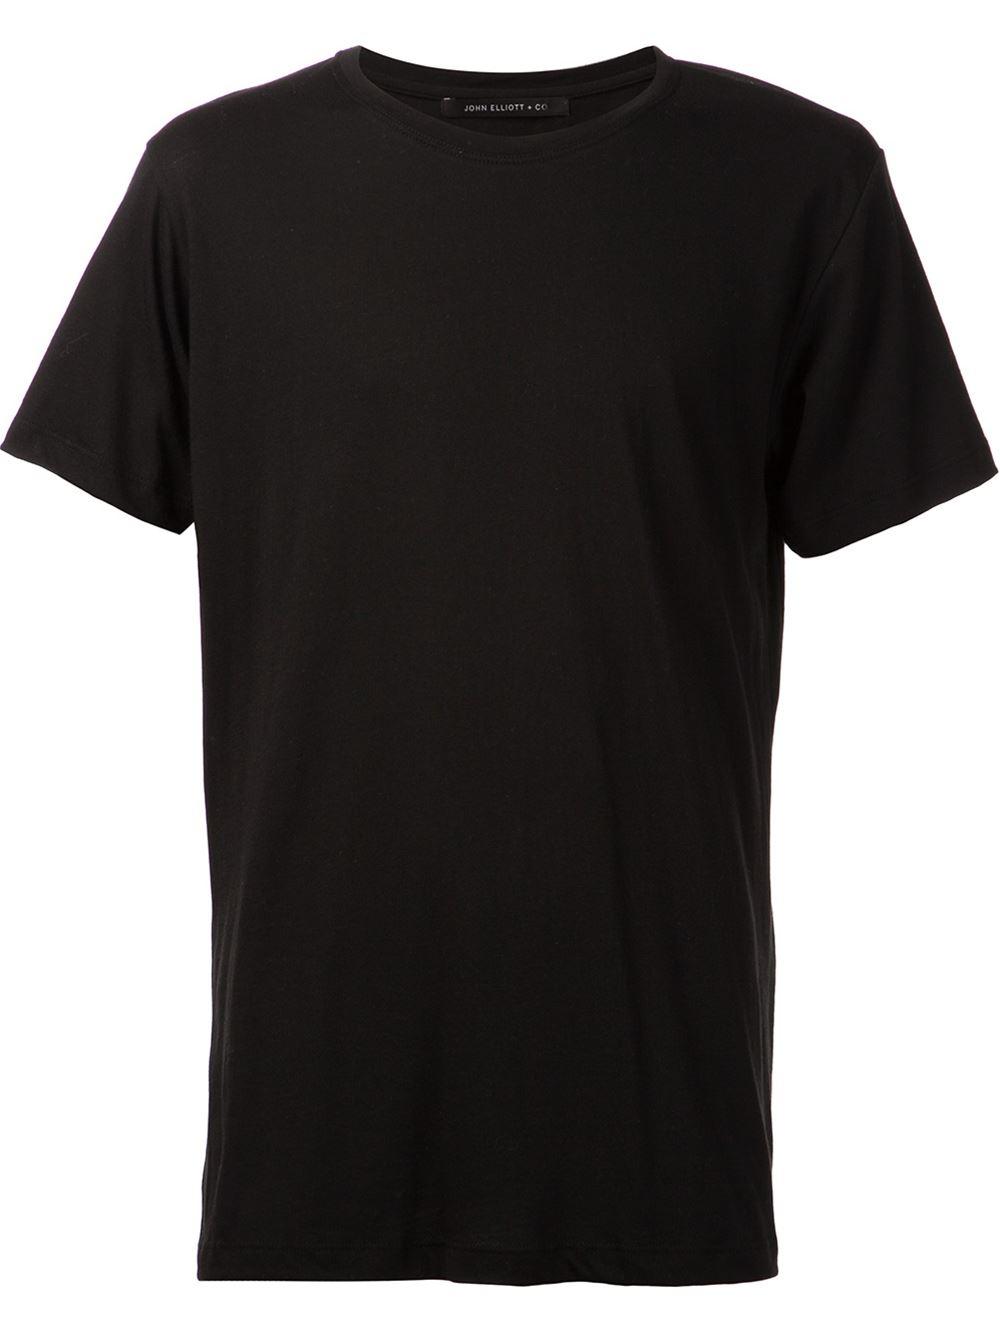 John elliott Basic T-Shirt in Black for Men | Lyst